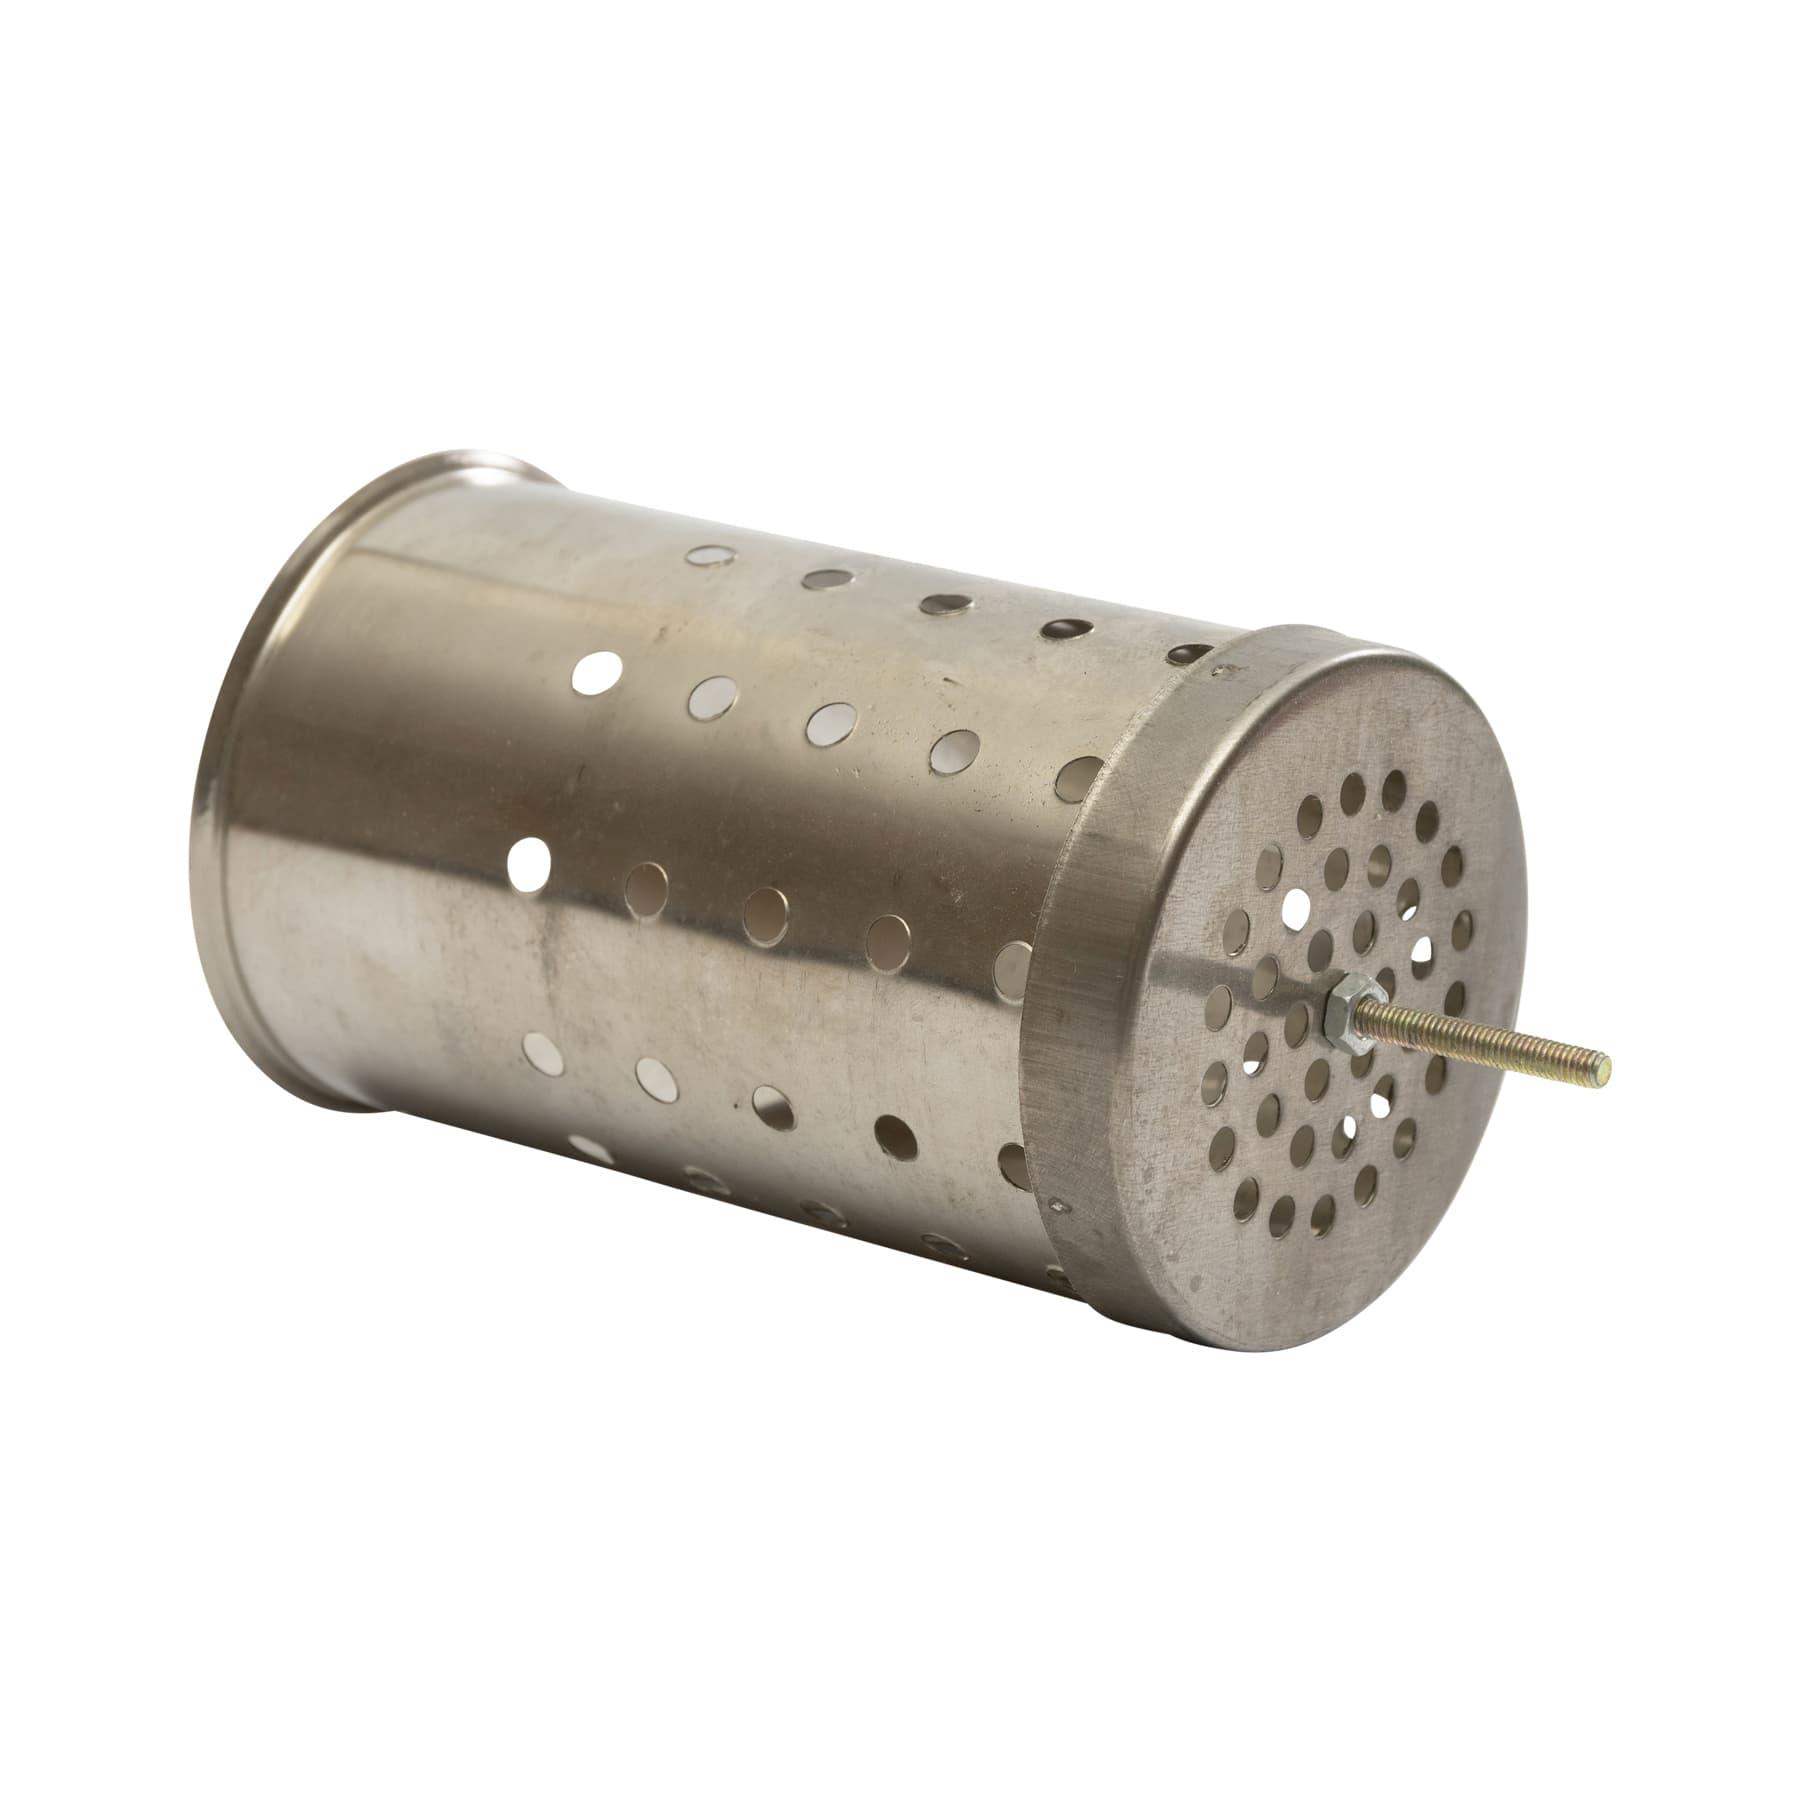 Innendose, gelocht, für Rauchbläser 8 cm Durchmesser als Ersatz